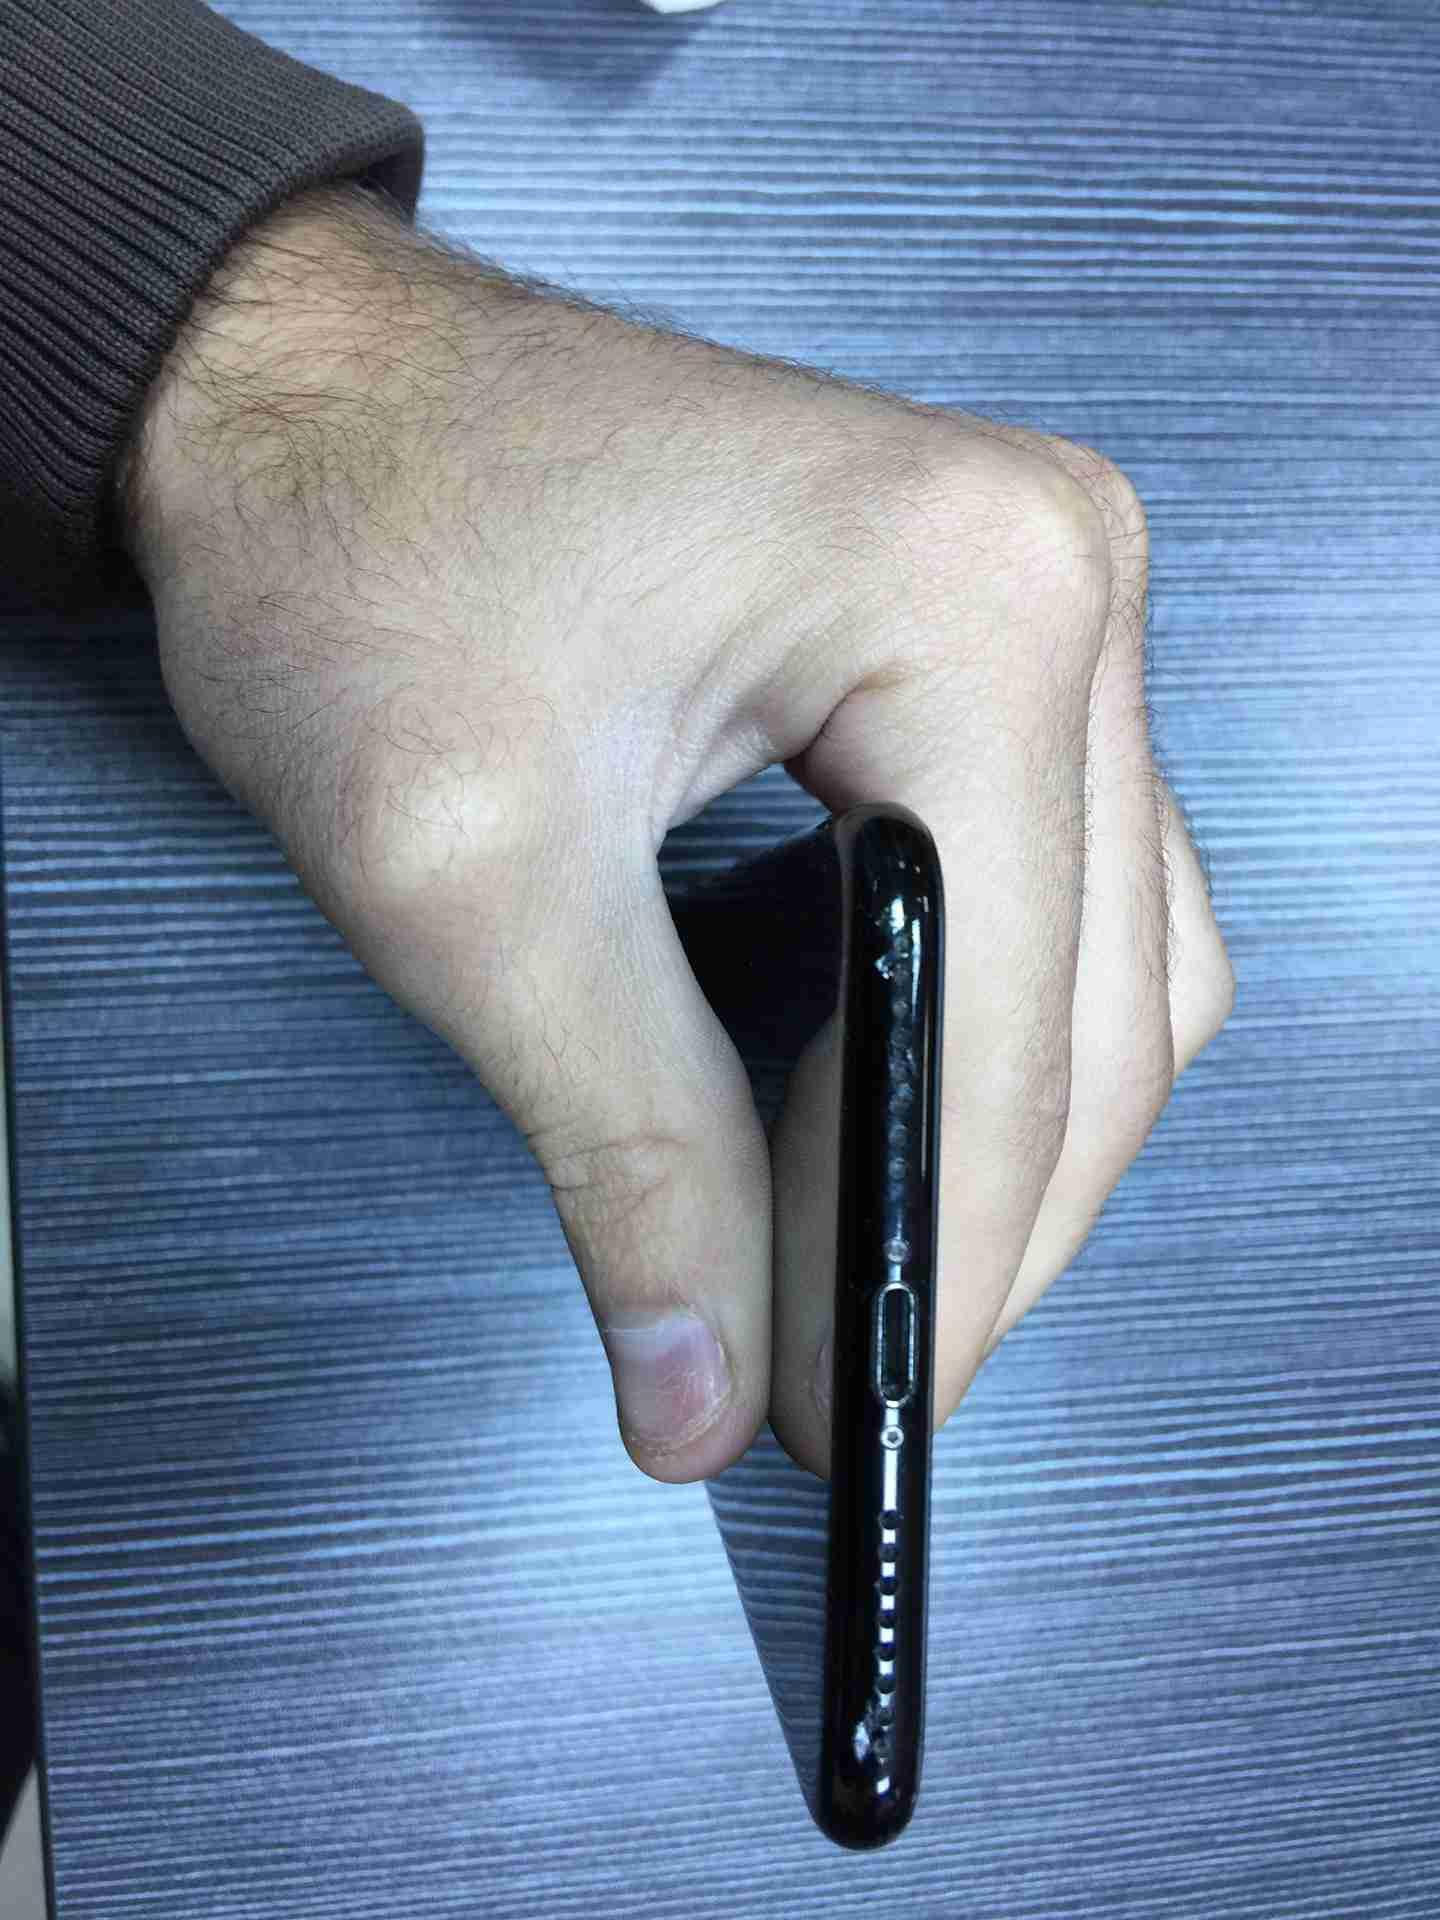 iPhone 11 64GB - $ 650 USDiPhone 11 128GB - $ 710 USDiPhone 11 256GB - $ 770 USDiPhone 11 Pro 64GB - $ 720 USDiPhone 11 Pro 256GB - $ 750 USDiPhone 11 Pro 512GB-  ايفون 7 بلس 128 جيجا...